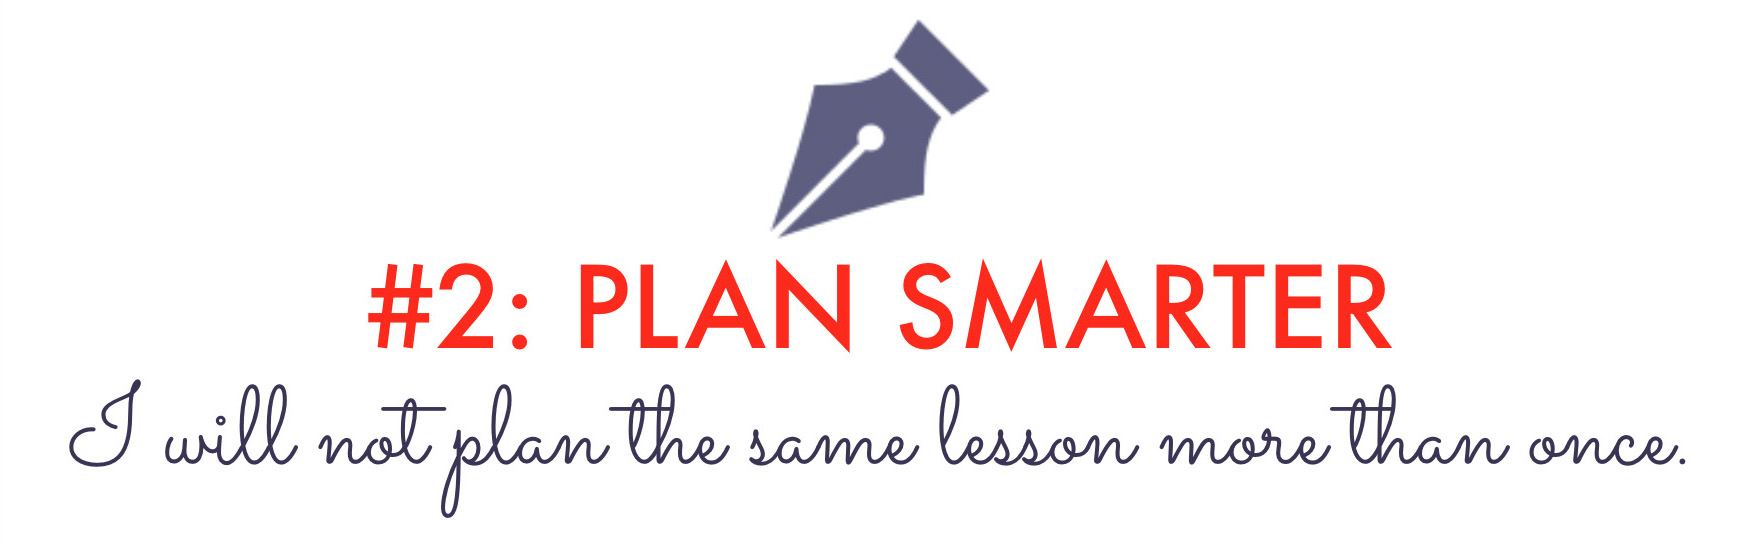 TEFL-Resolutions-2-Plan-Smarter.jpg